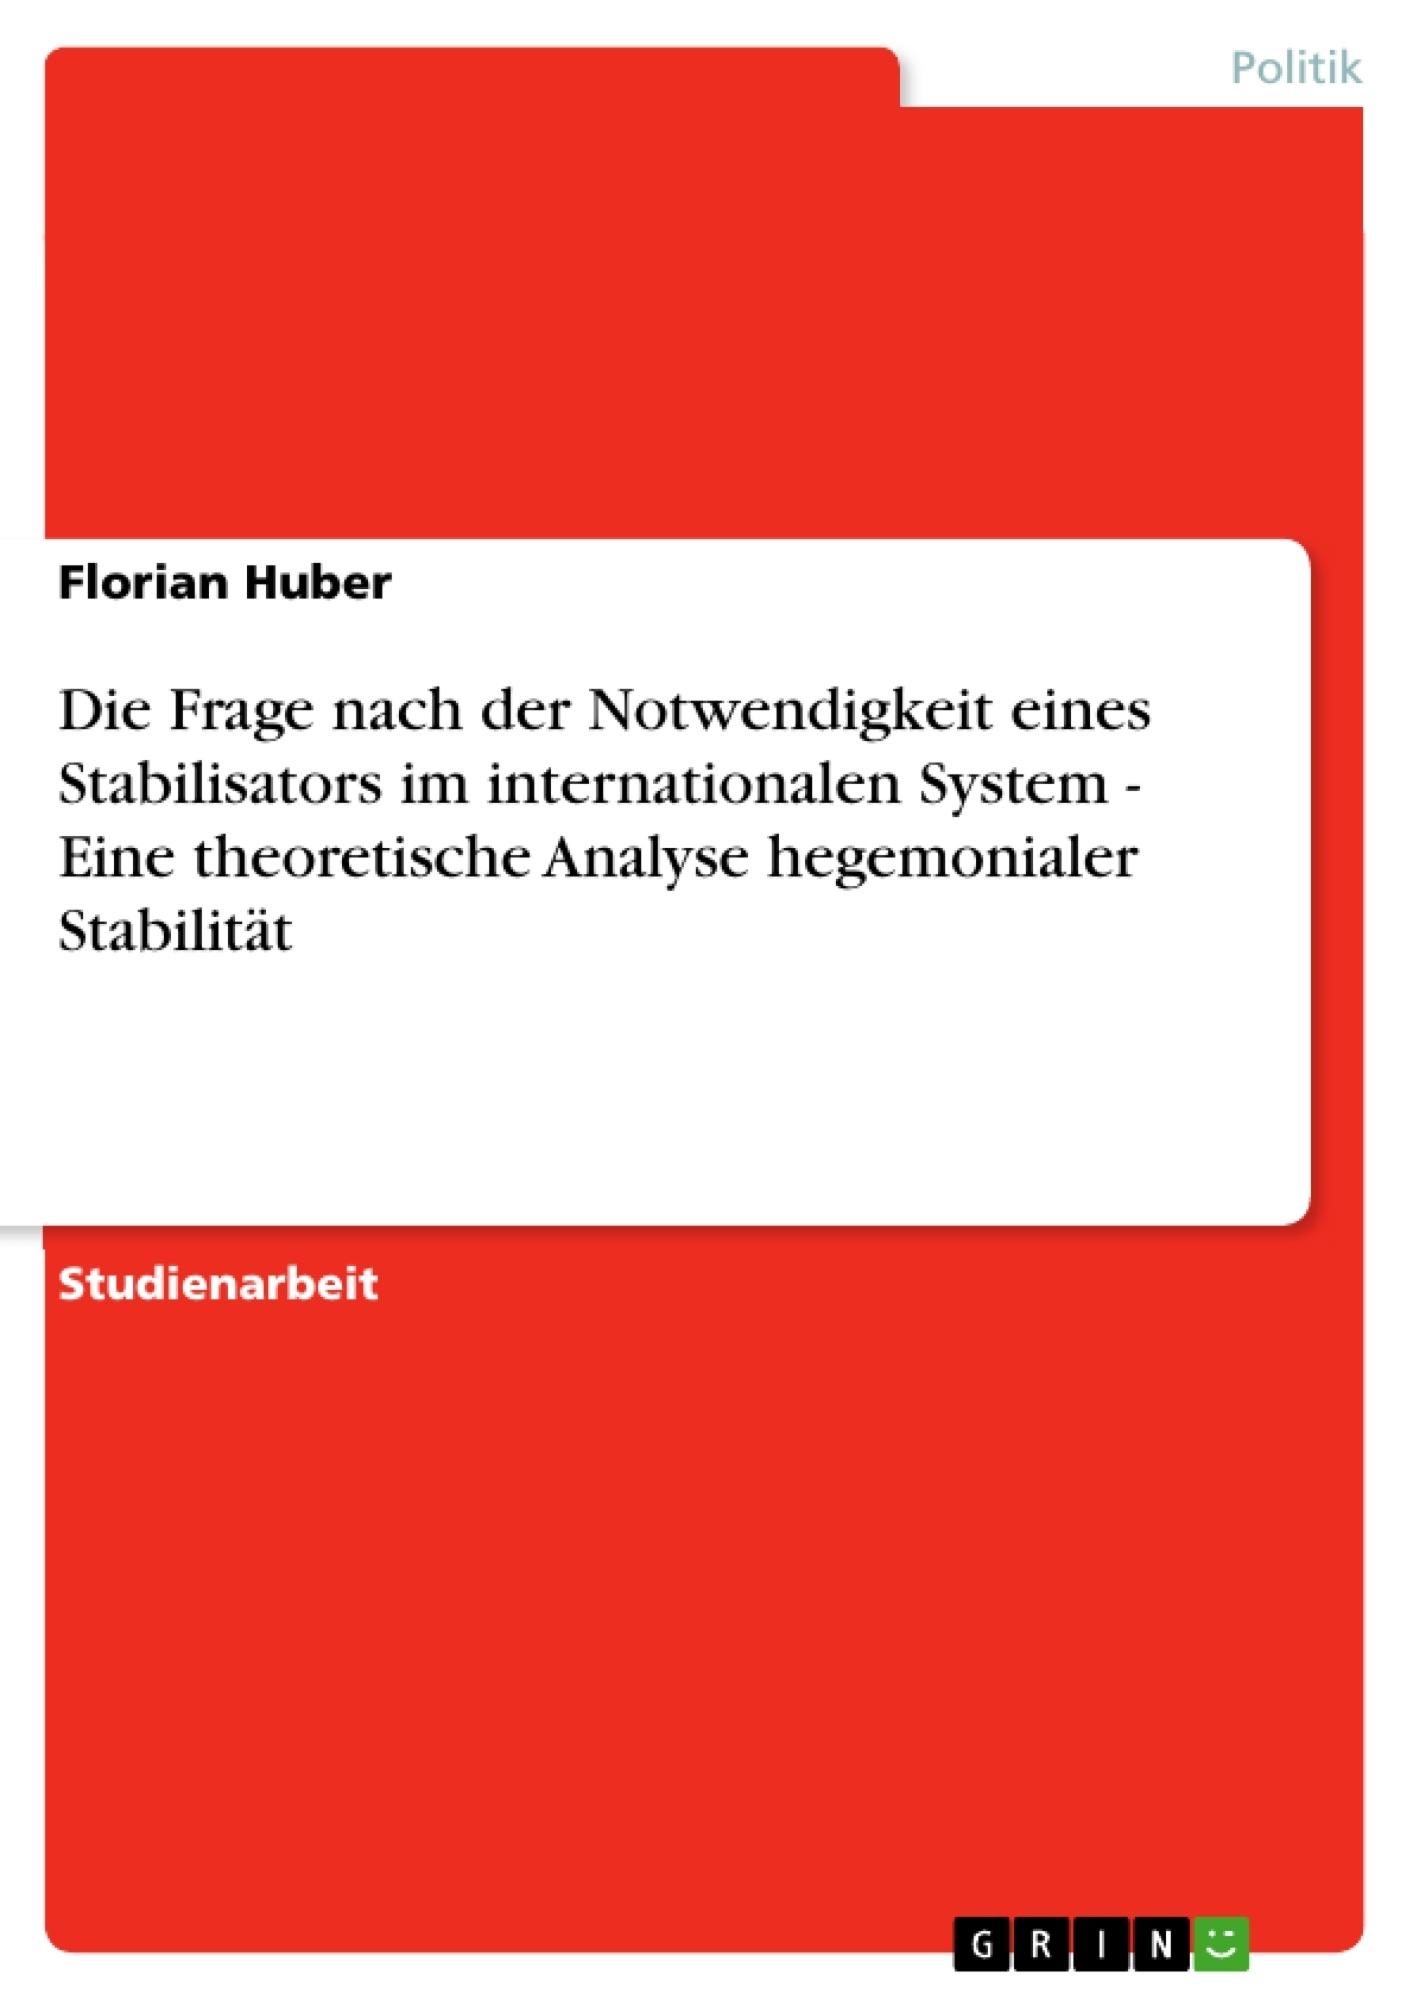 Titel: Die Frage nach der Notwendigkeit eines Stabilisators im internationalen System - Eine theoretische Analyse hegemonialer Stabilität